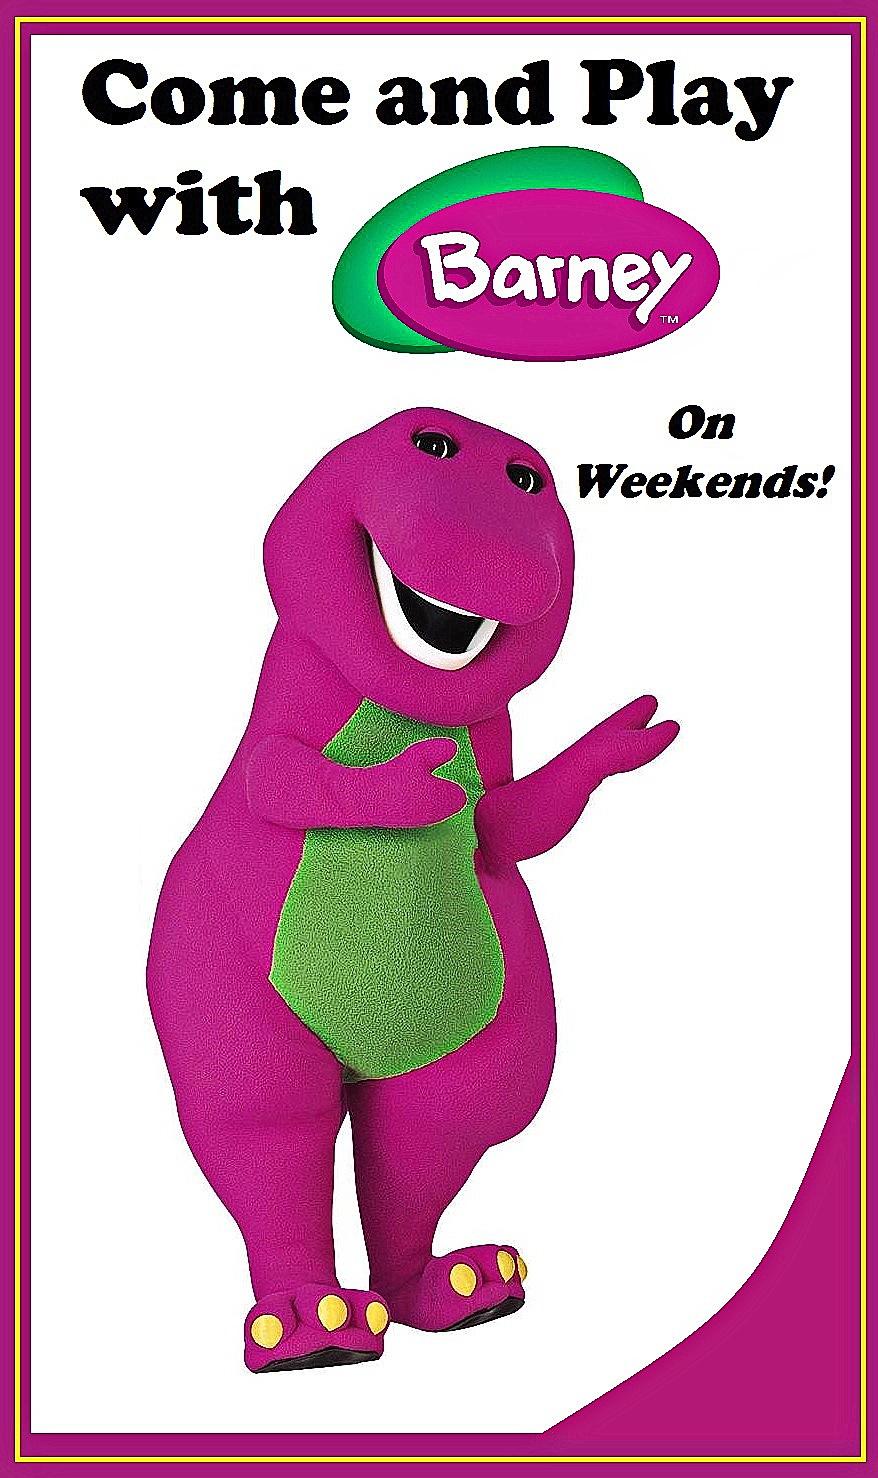 Barney the dinosaur: The mascot of our Dinosaur park